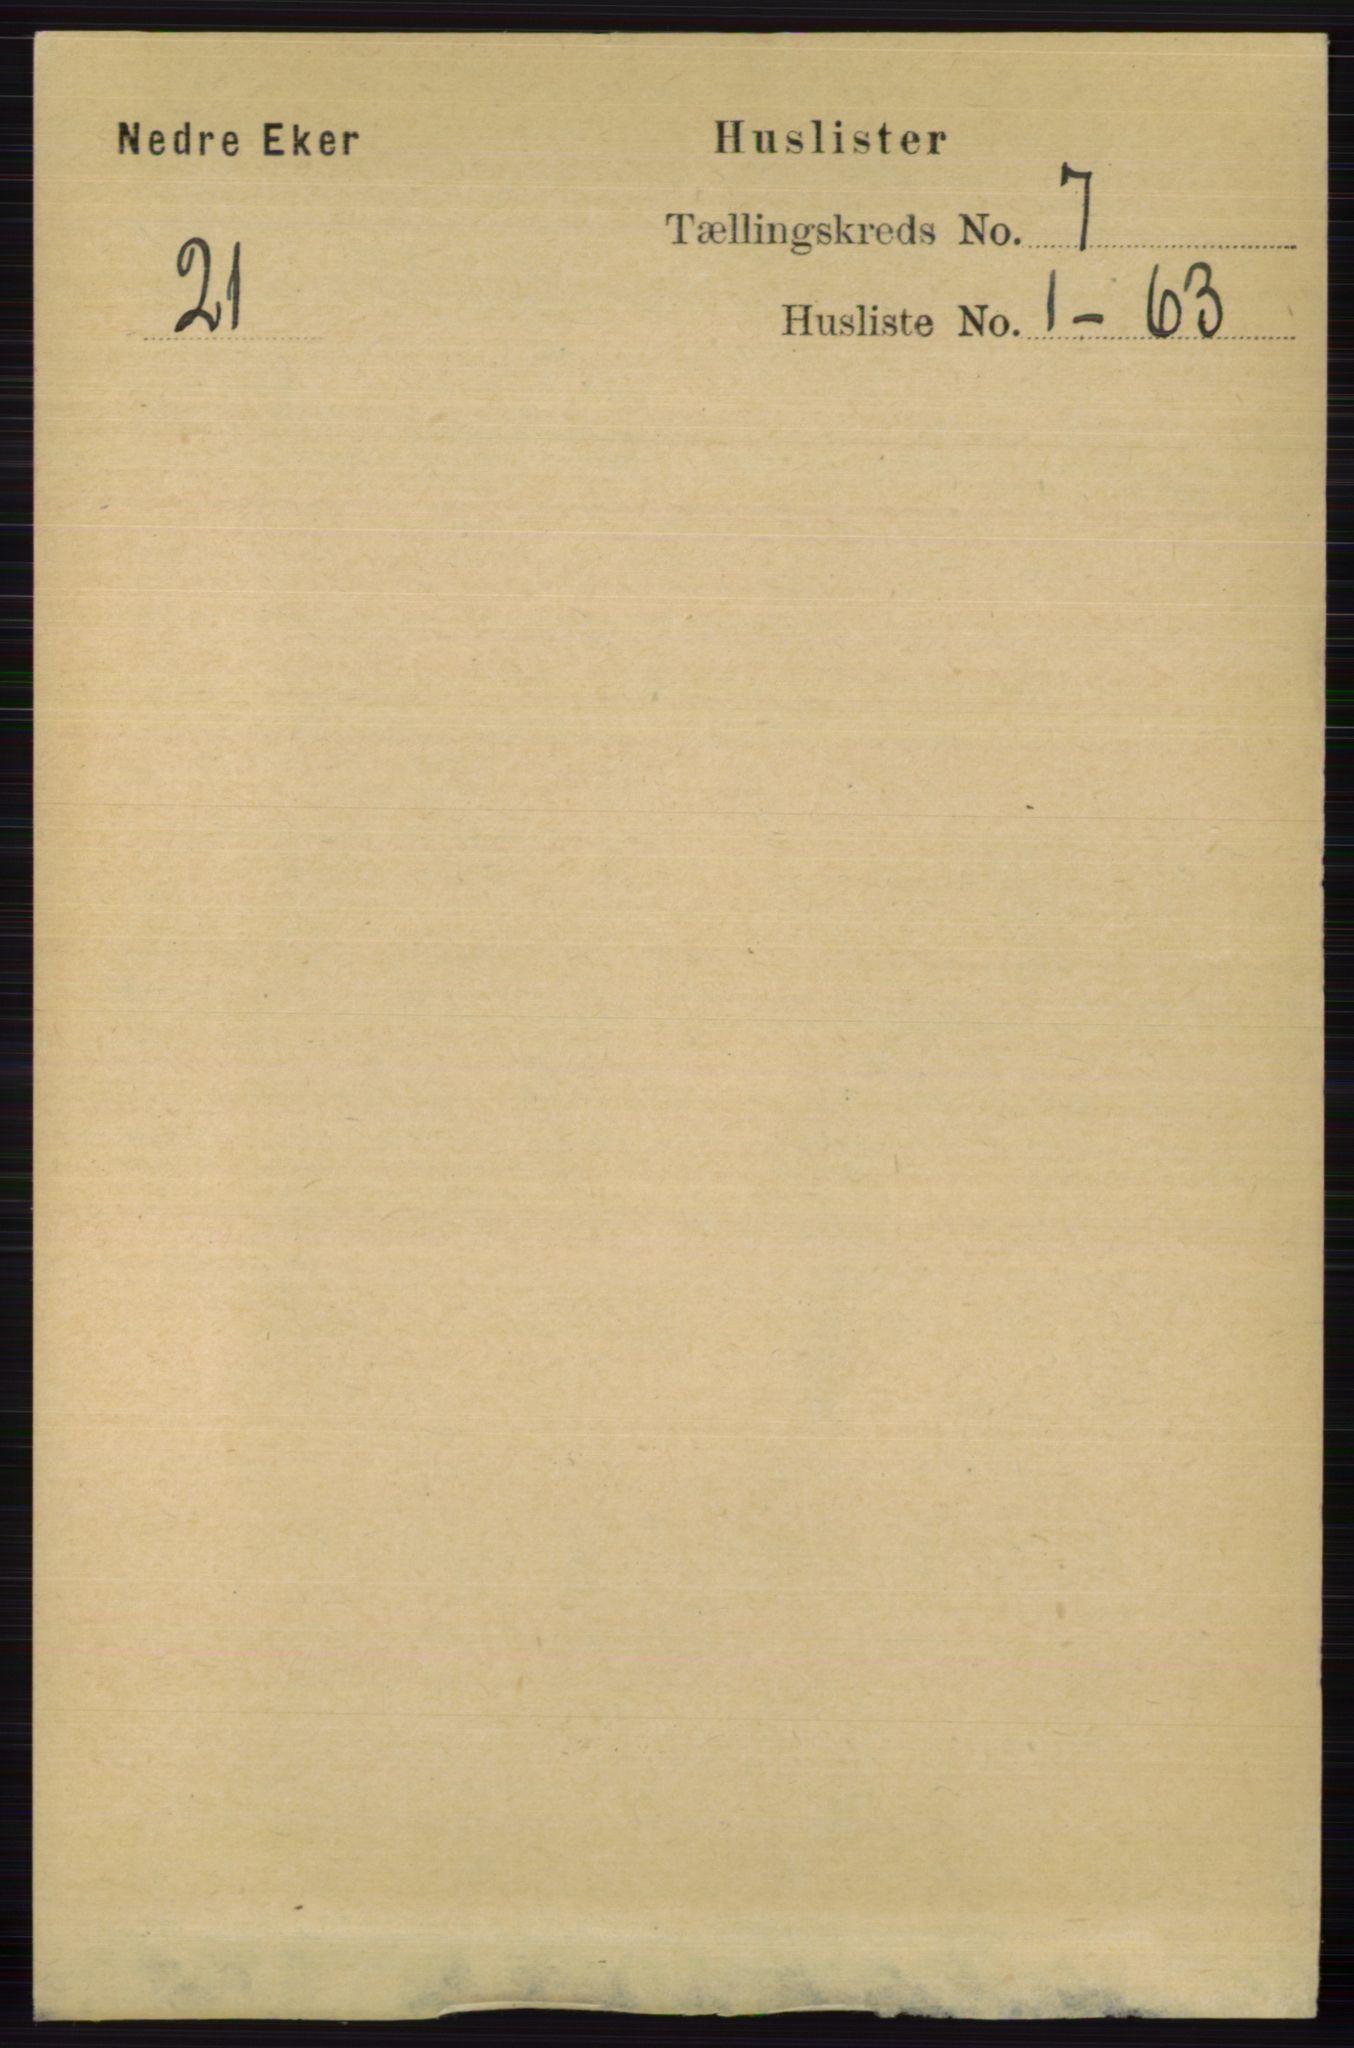 RA, Folketelling 1891 for 0625 Nedre Eiker herred, 1891, s. 3339